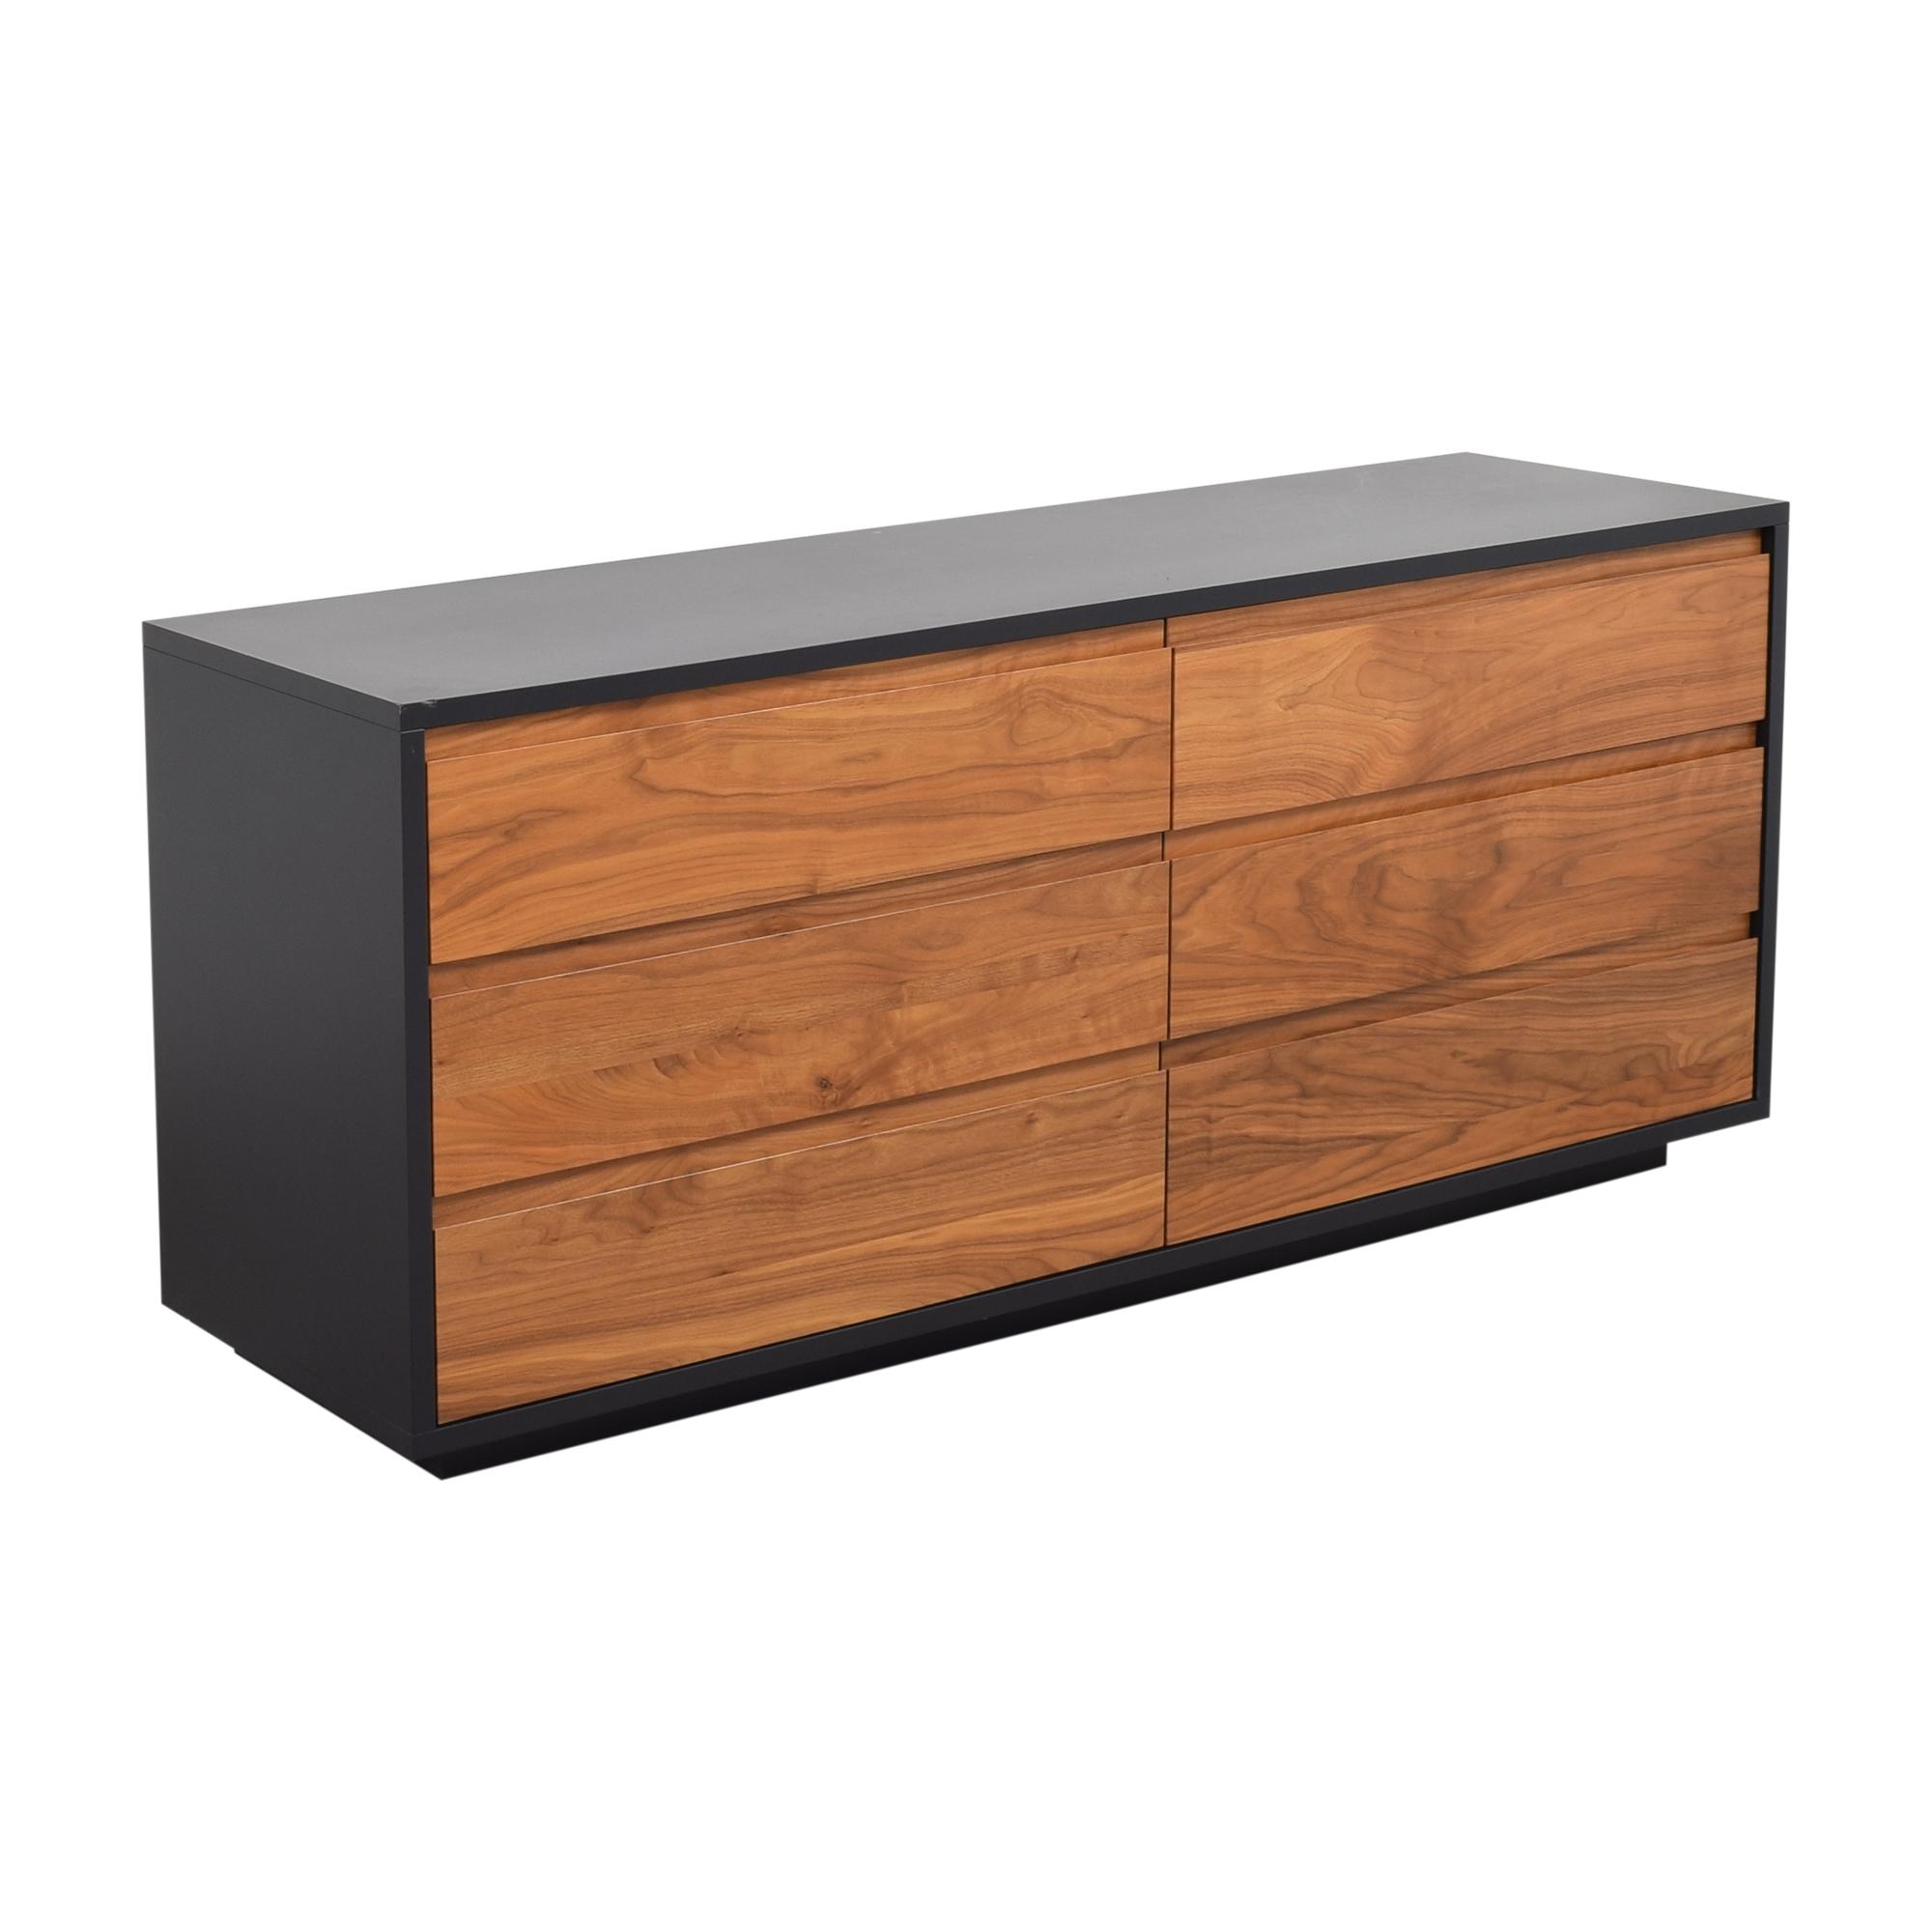 buy Room & Board Six Drawer Double Dresser Room & Board Dressers